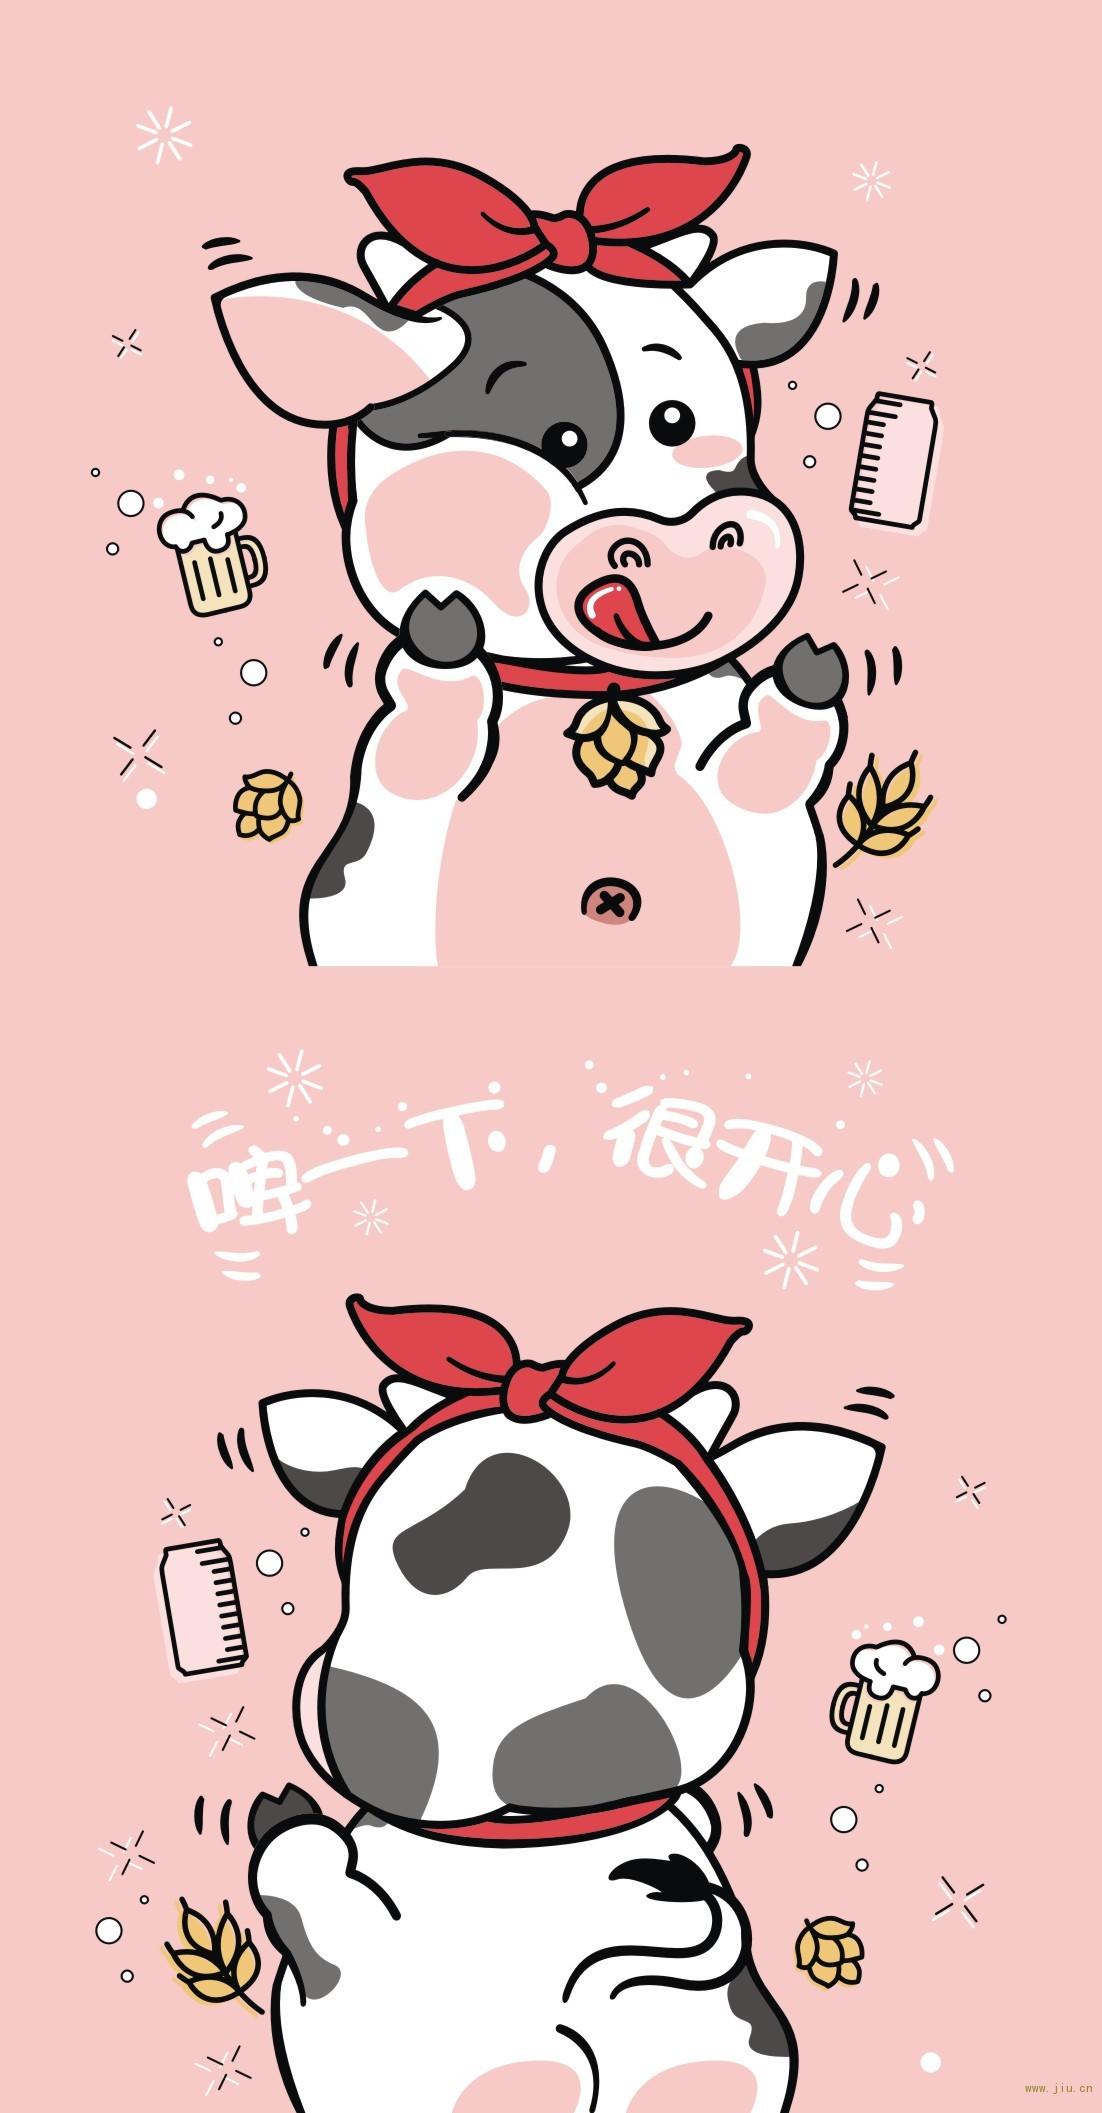 奶啤插画设计 奶啤插画包装设计 古一设计